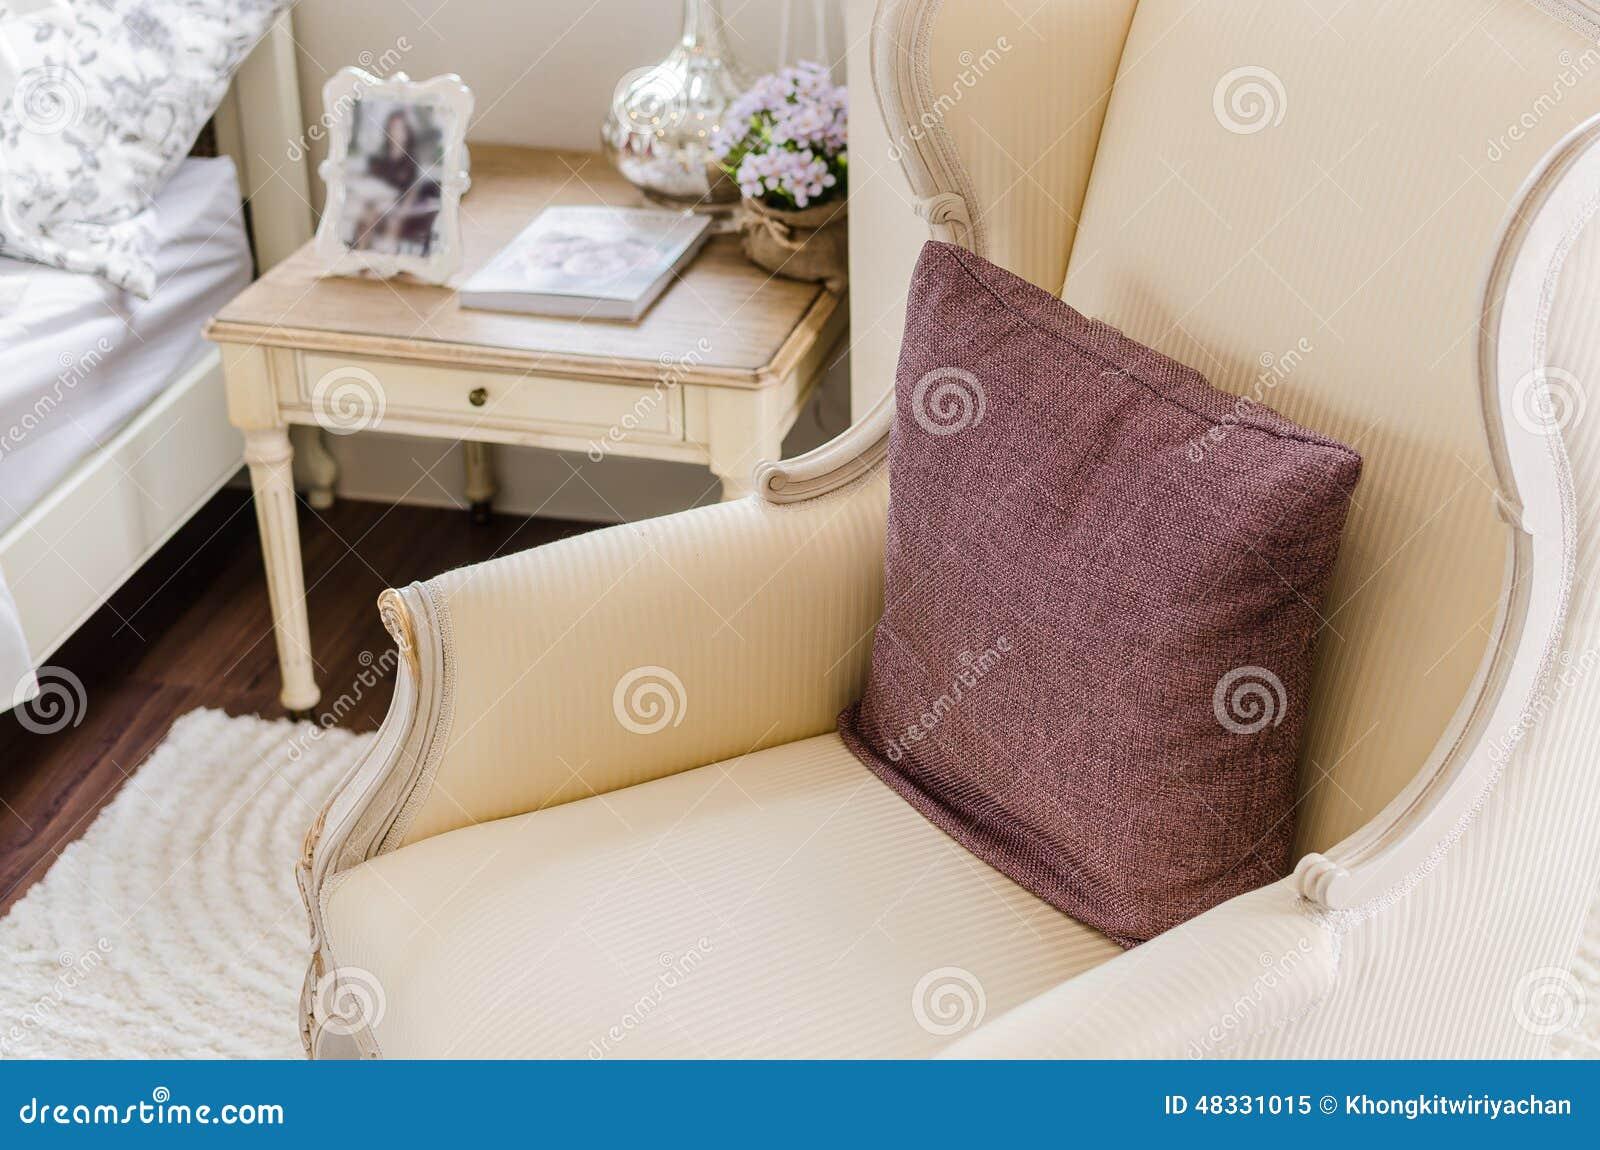 Appoggi su stile classico della sedia in camera da letto - Sedia camera da letto ...